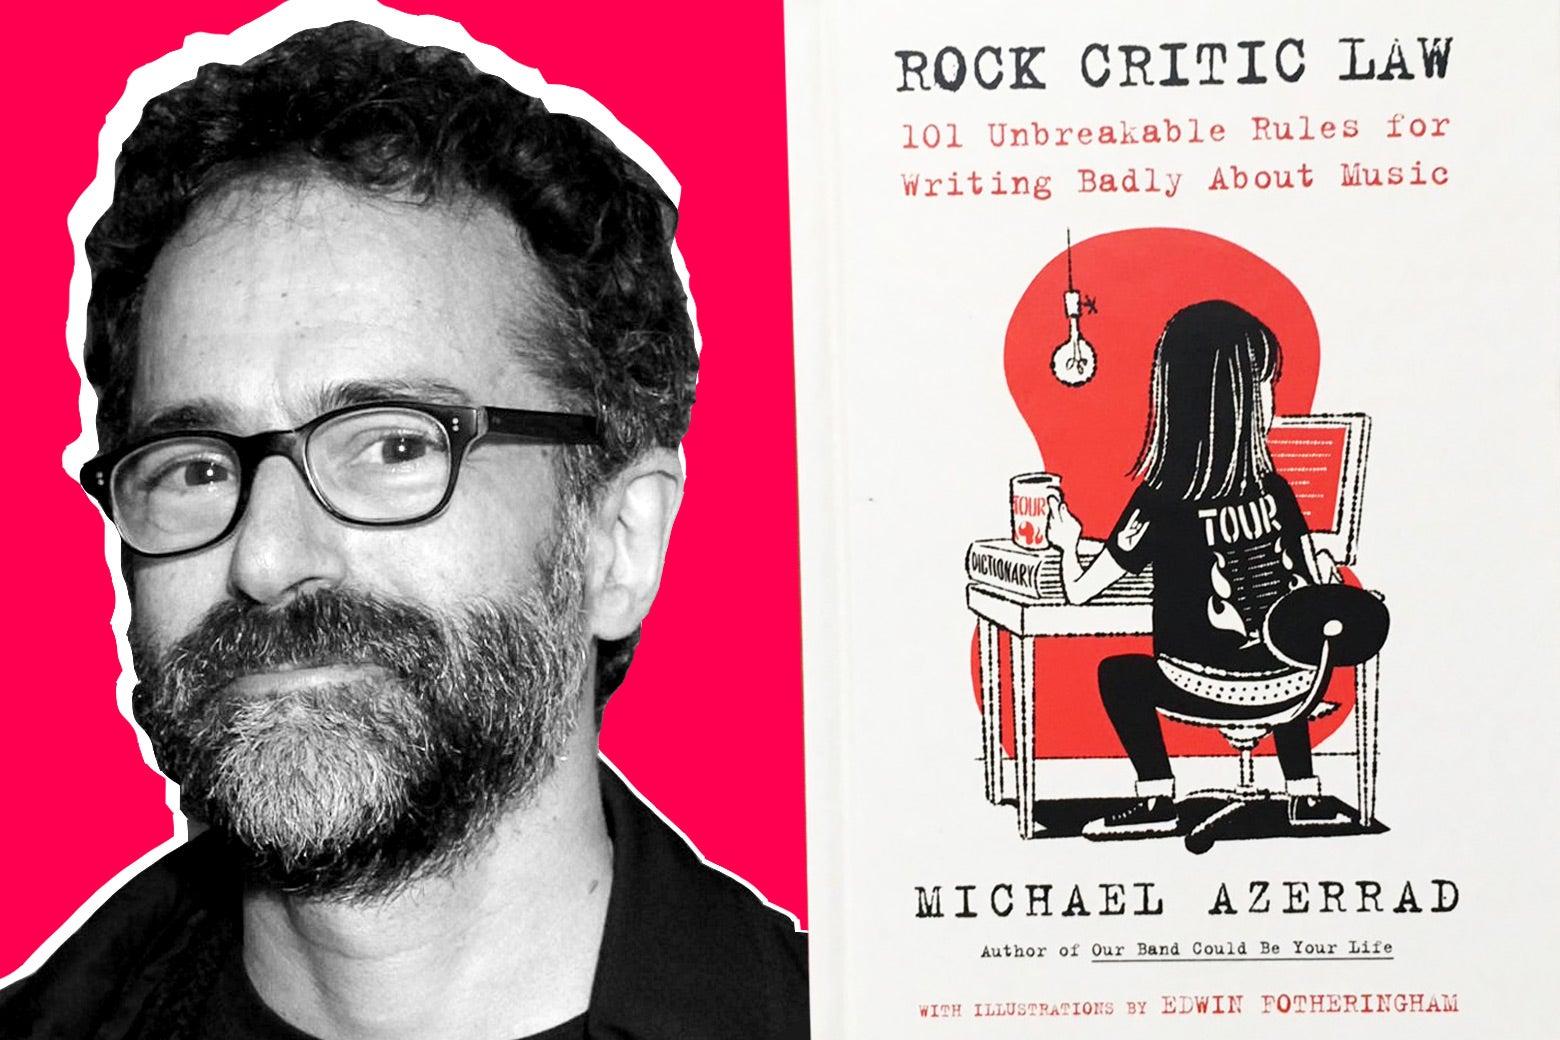 Michael Azerrad and his book Rock Critic Law